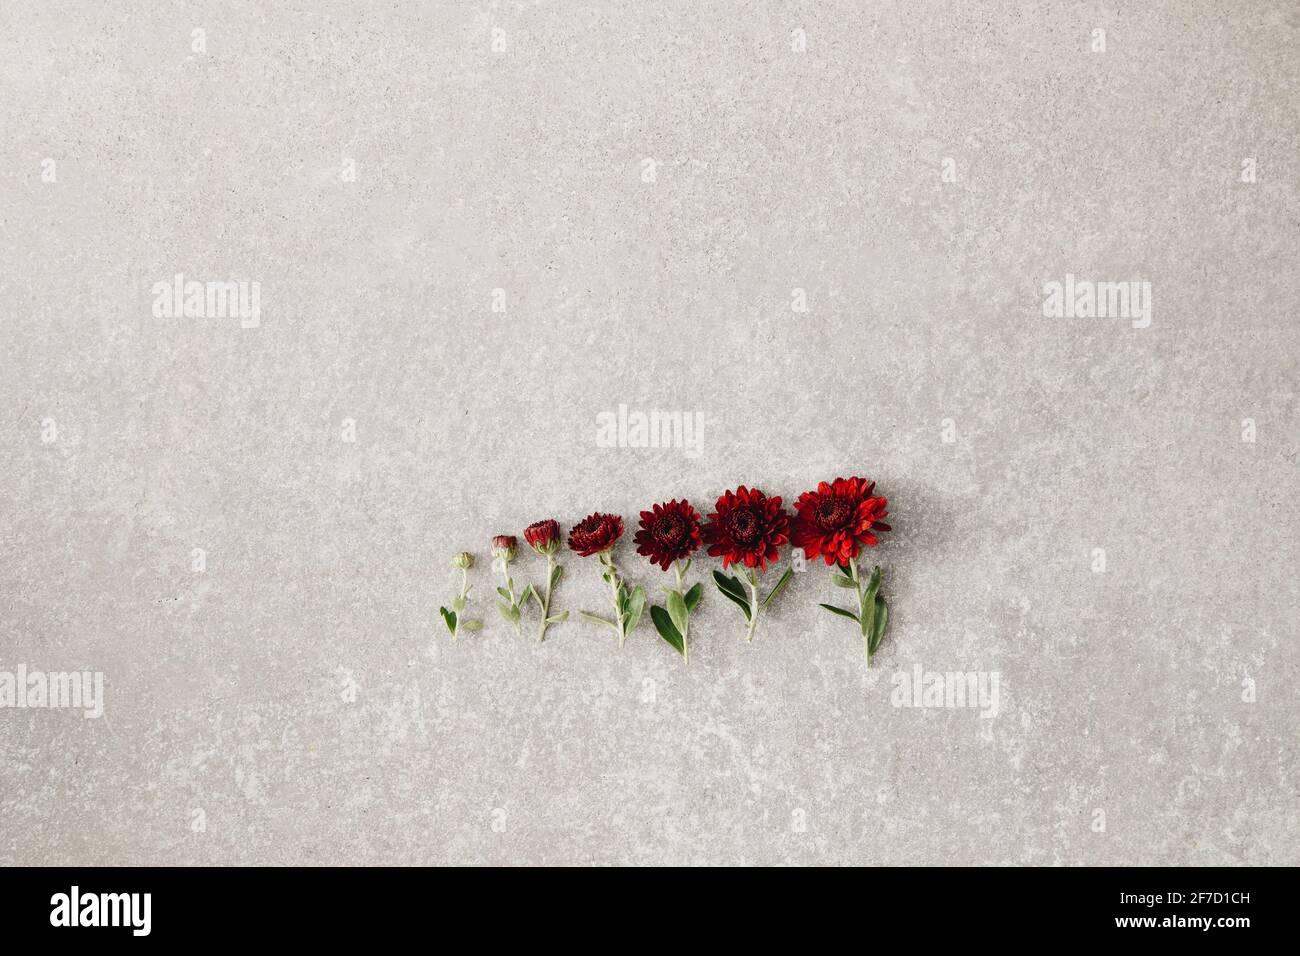 Arreglo floral creativo sobre fondo de hormigón gris, concepto de vida, etapas de crecimiento, plano, espacio de copia. Foto de stock